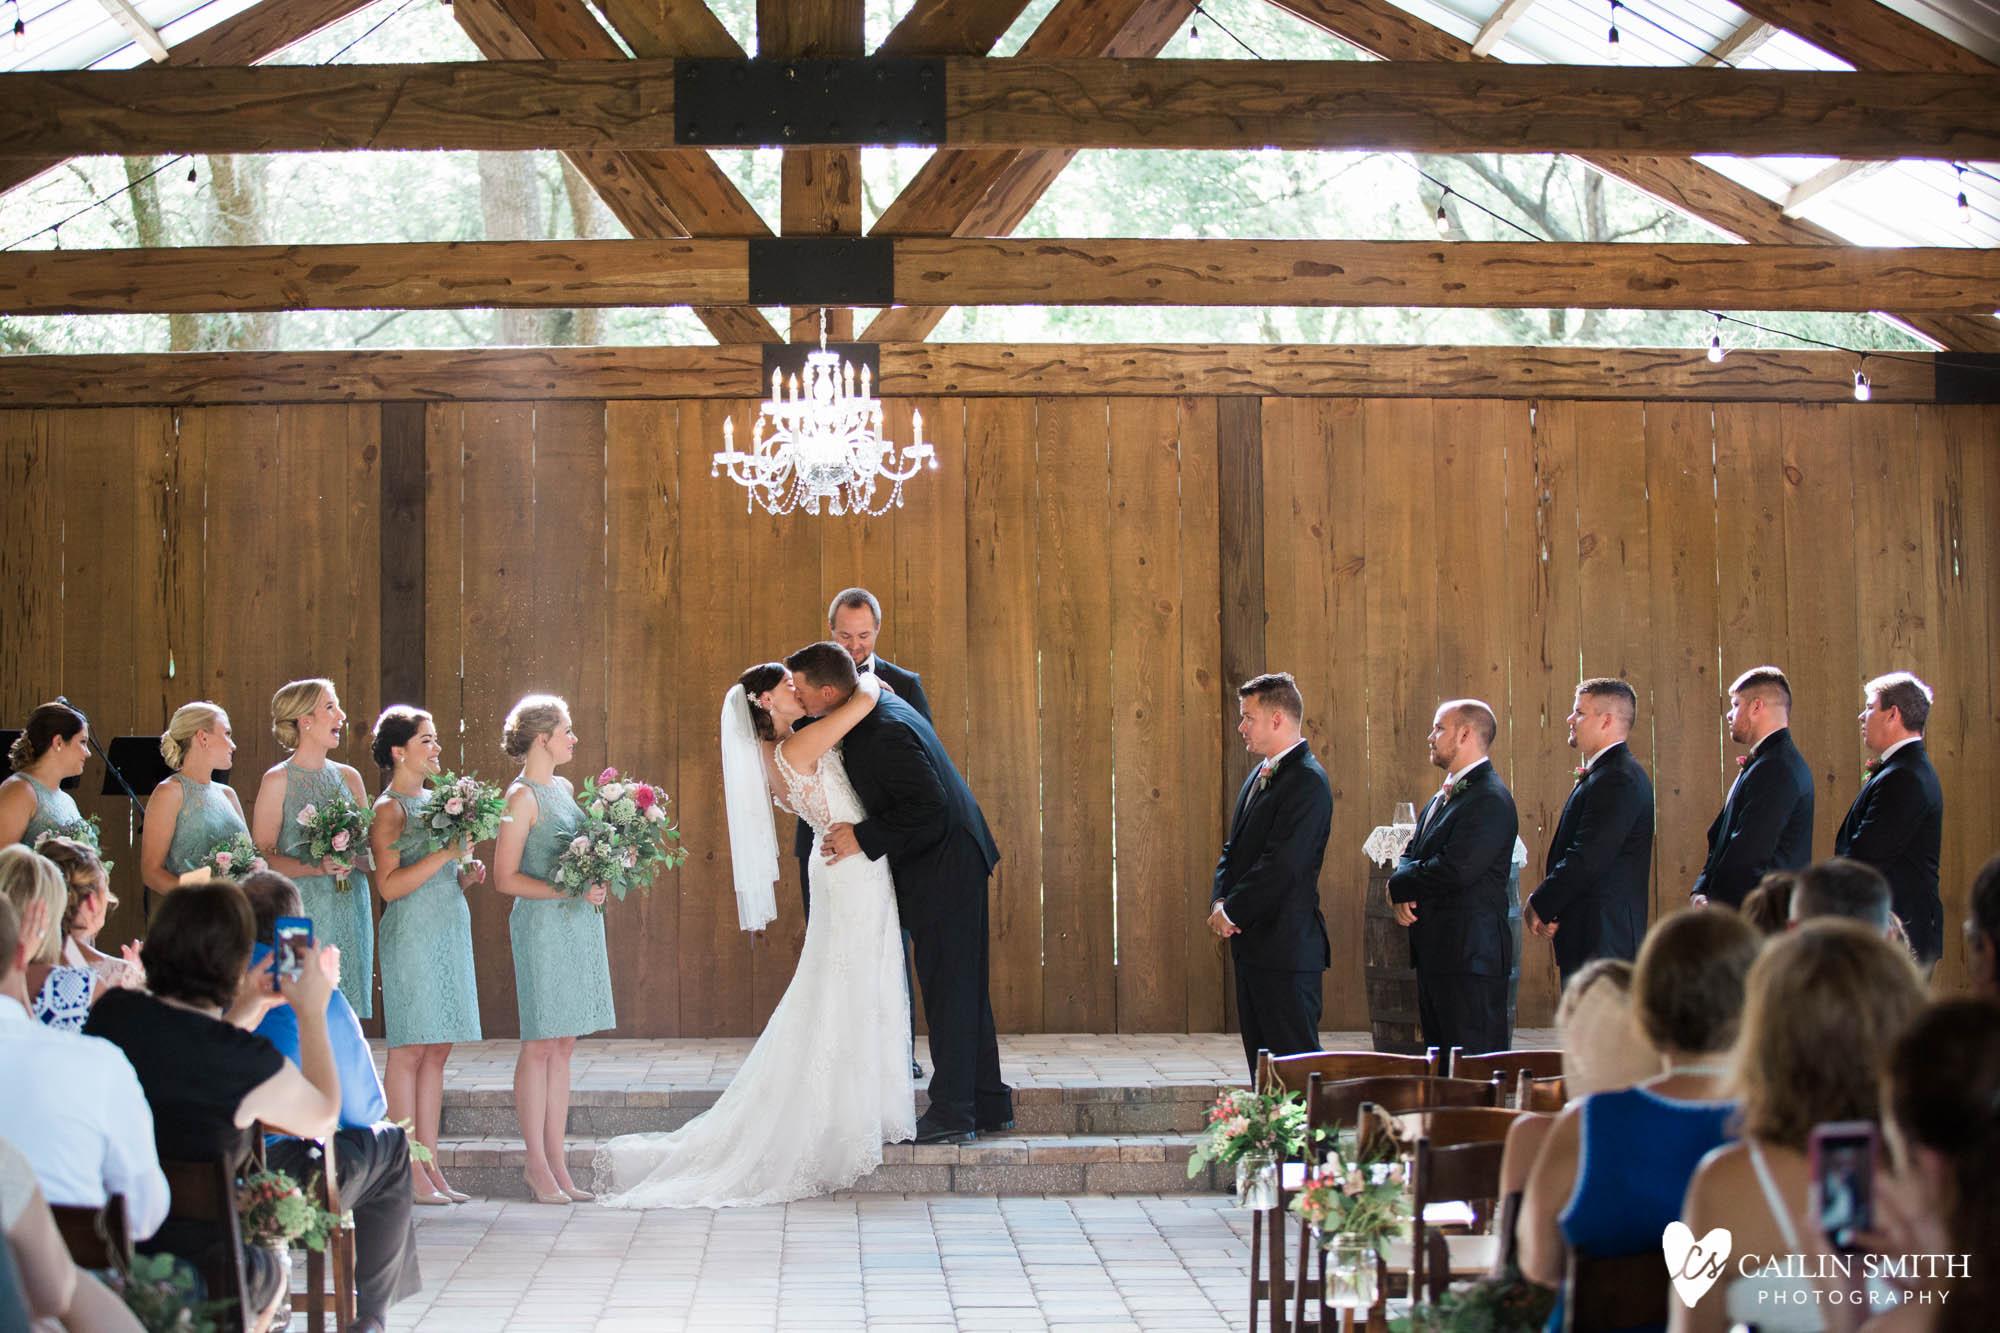 Bethany_Kyle_Bowing_Oaks_Plantation_Wedding_Photography_0075.jpg